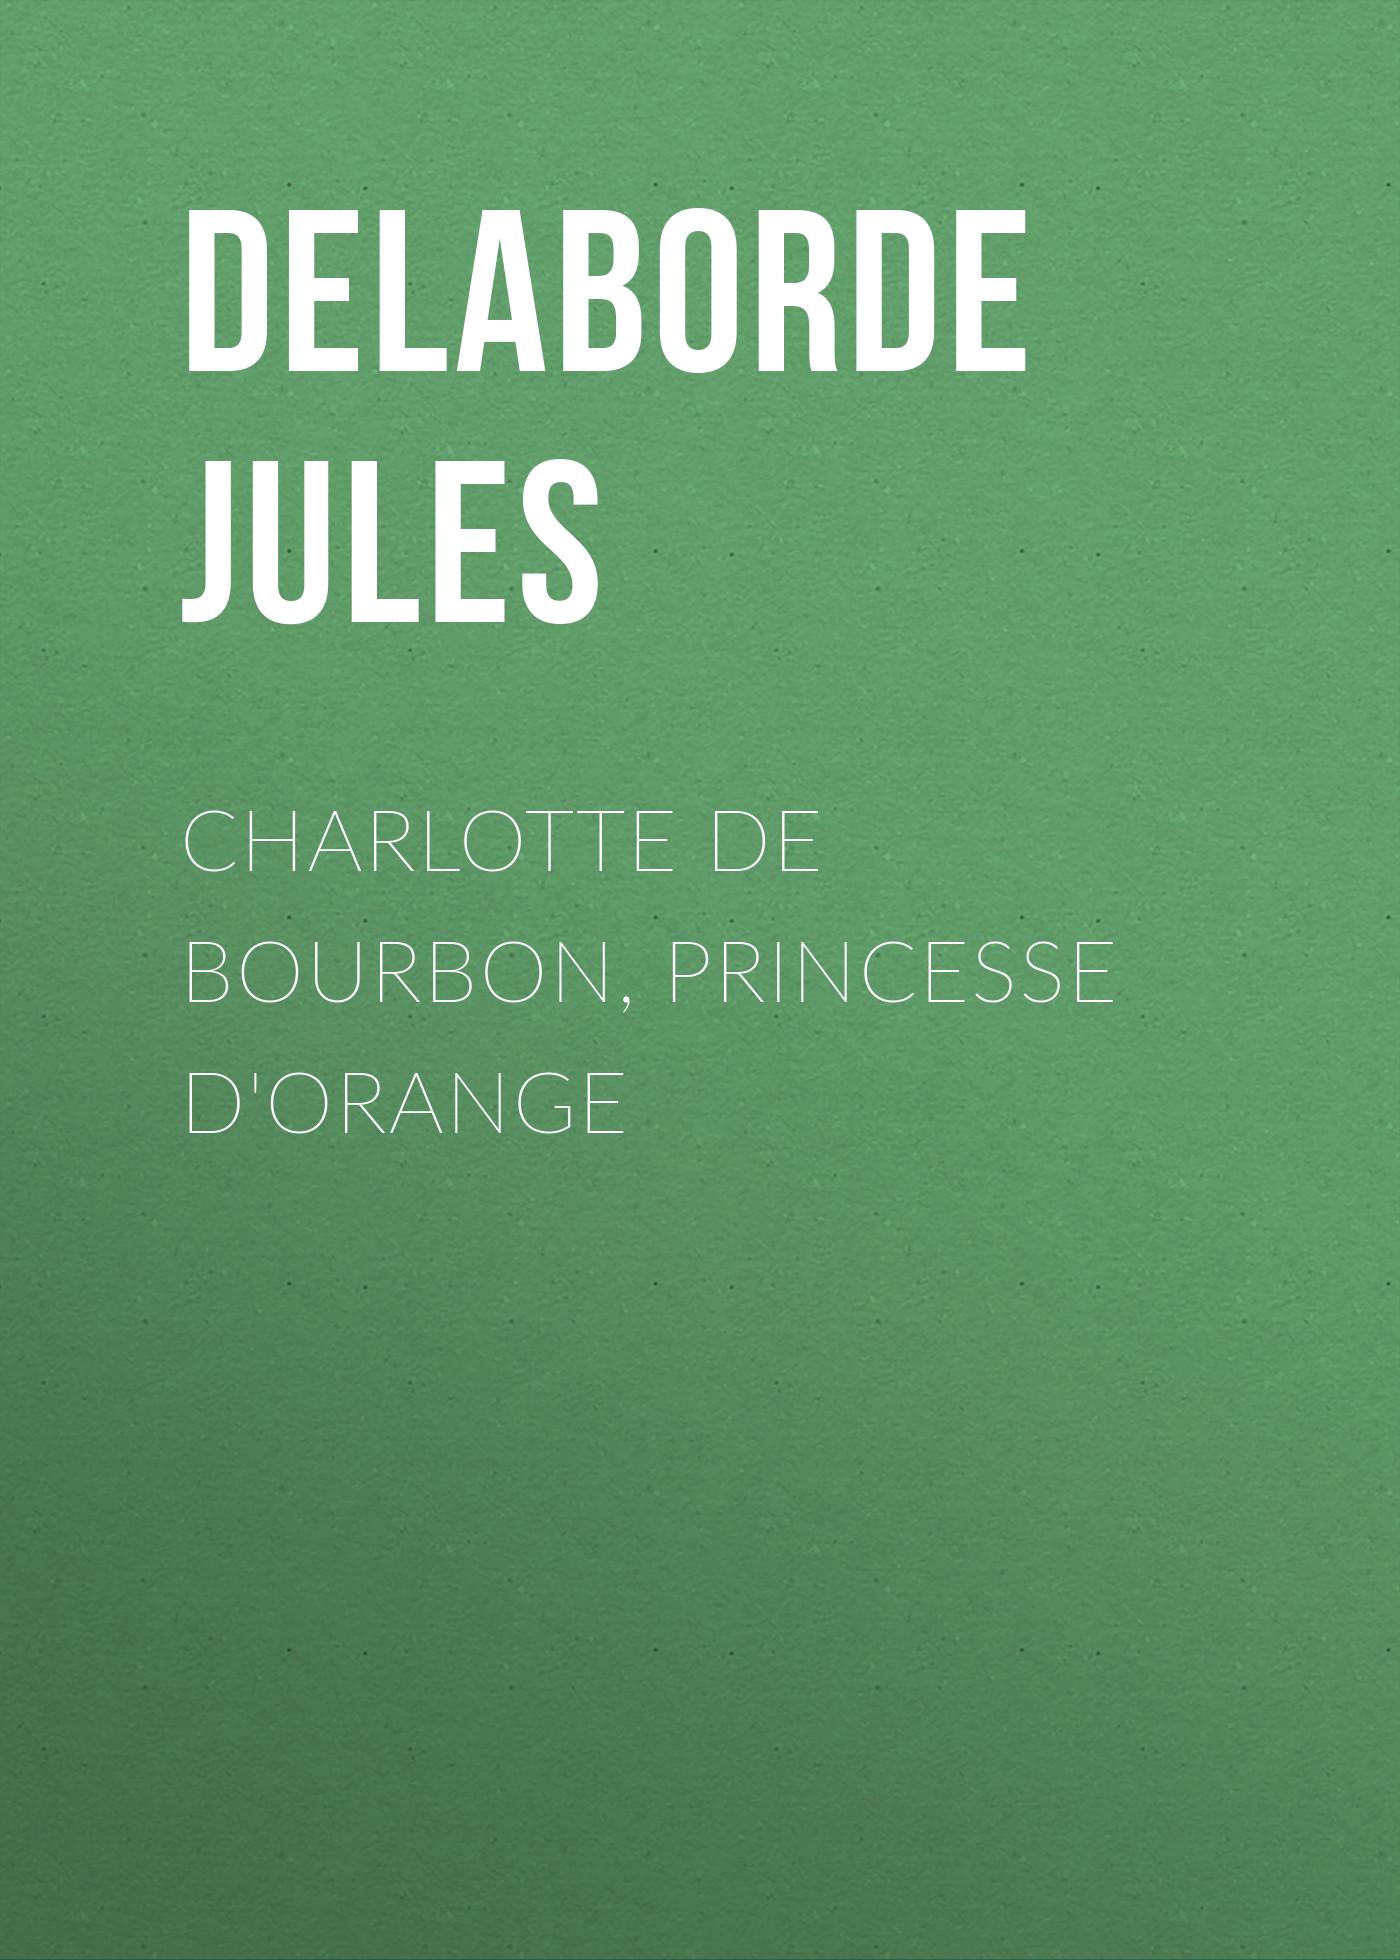 Фото - Delaborde Jules Charlotte de Bourbon, princesse d'Orange renard jules poil de carotte